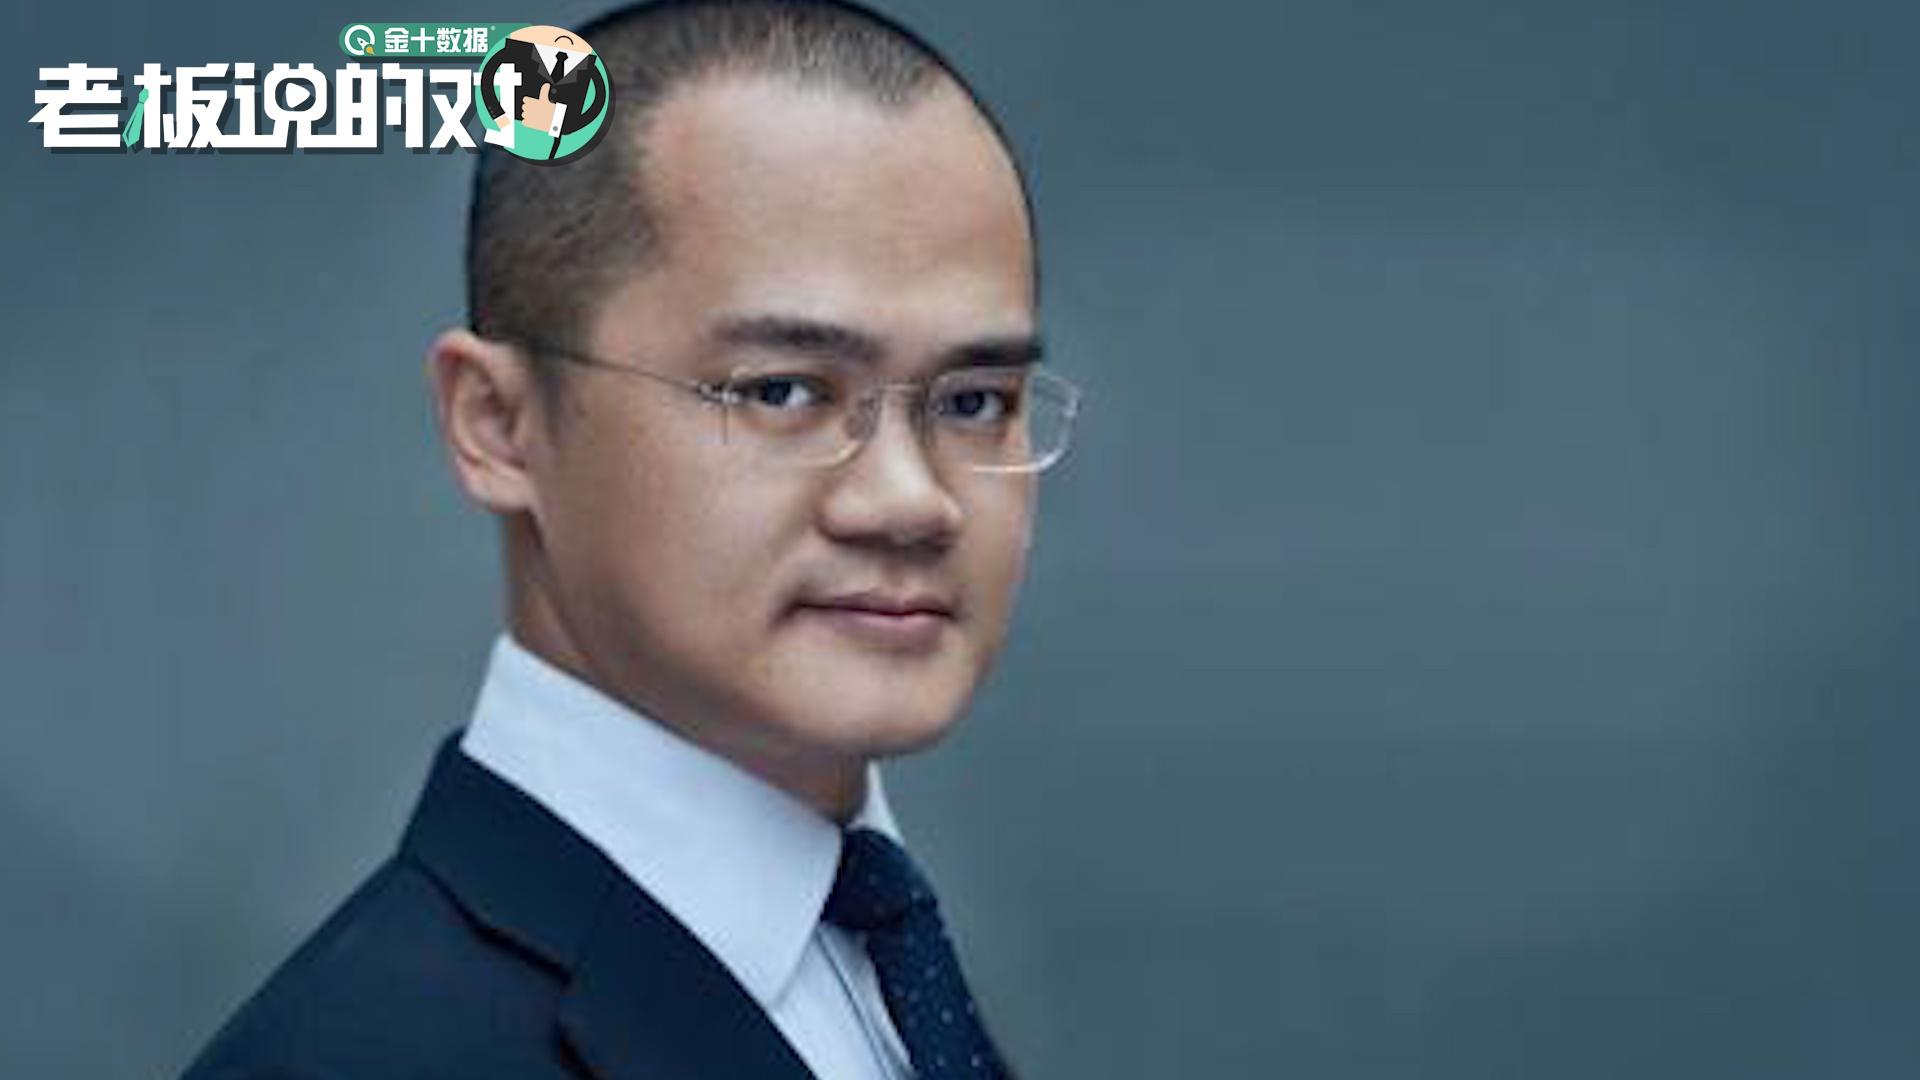 """王兴称""""国足跑不过清华男""""!前国脚下战书:输了我去送外卖"""